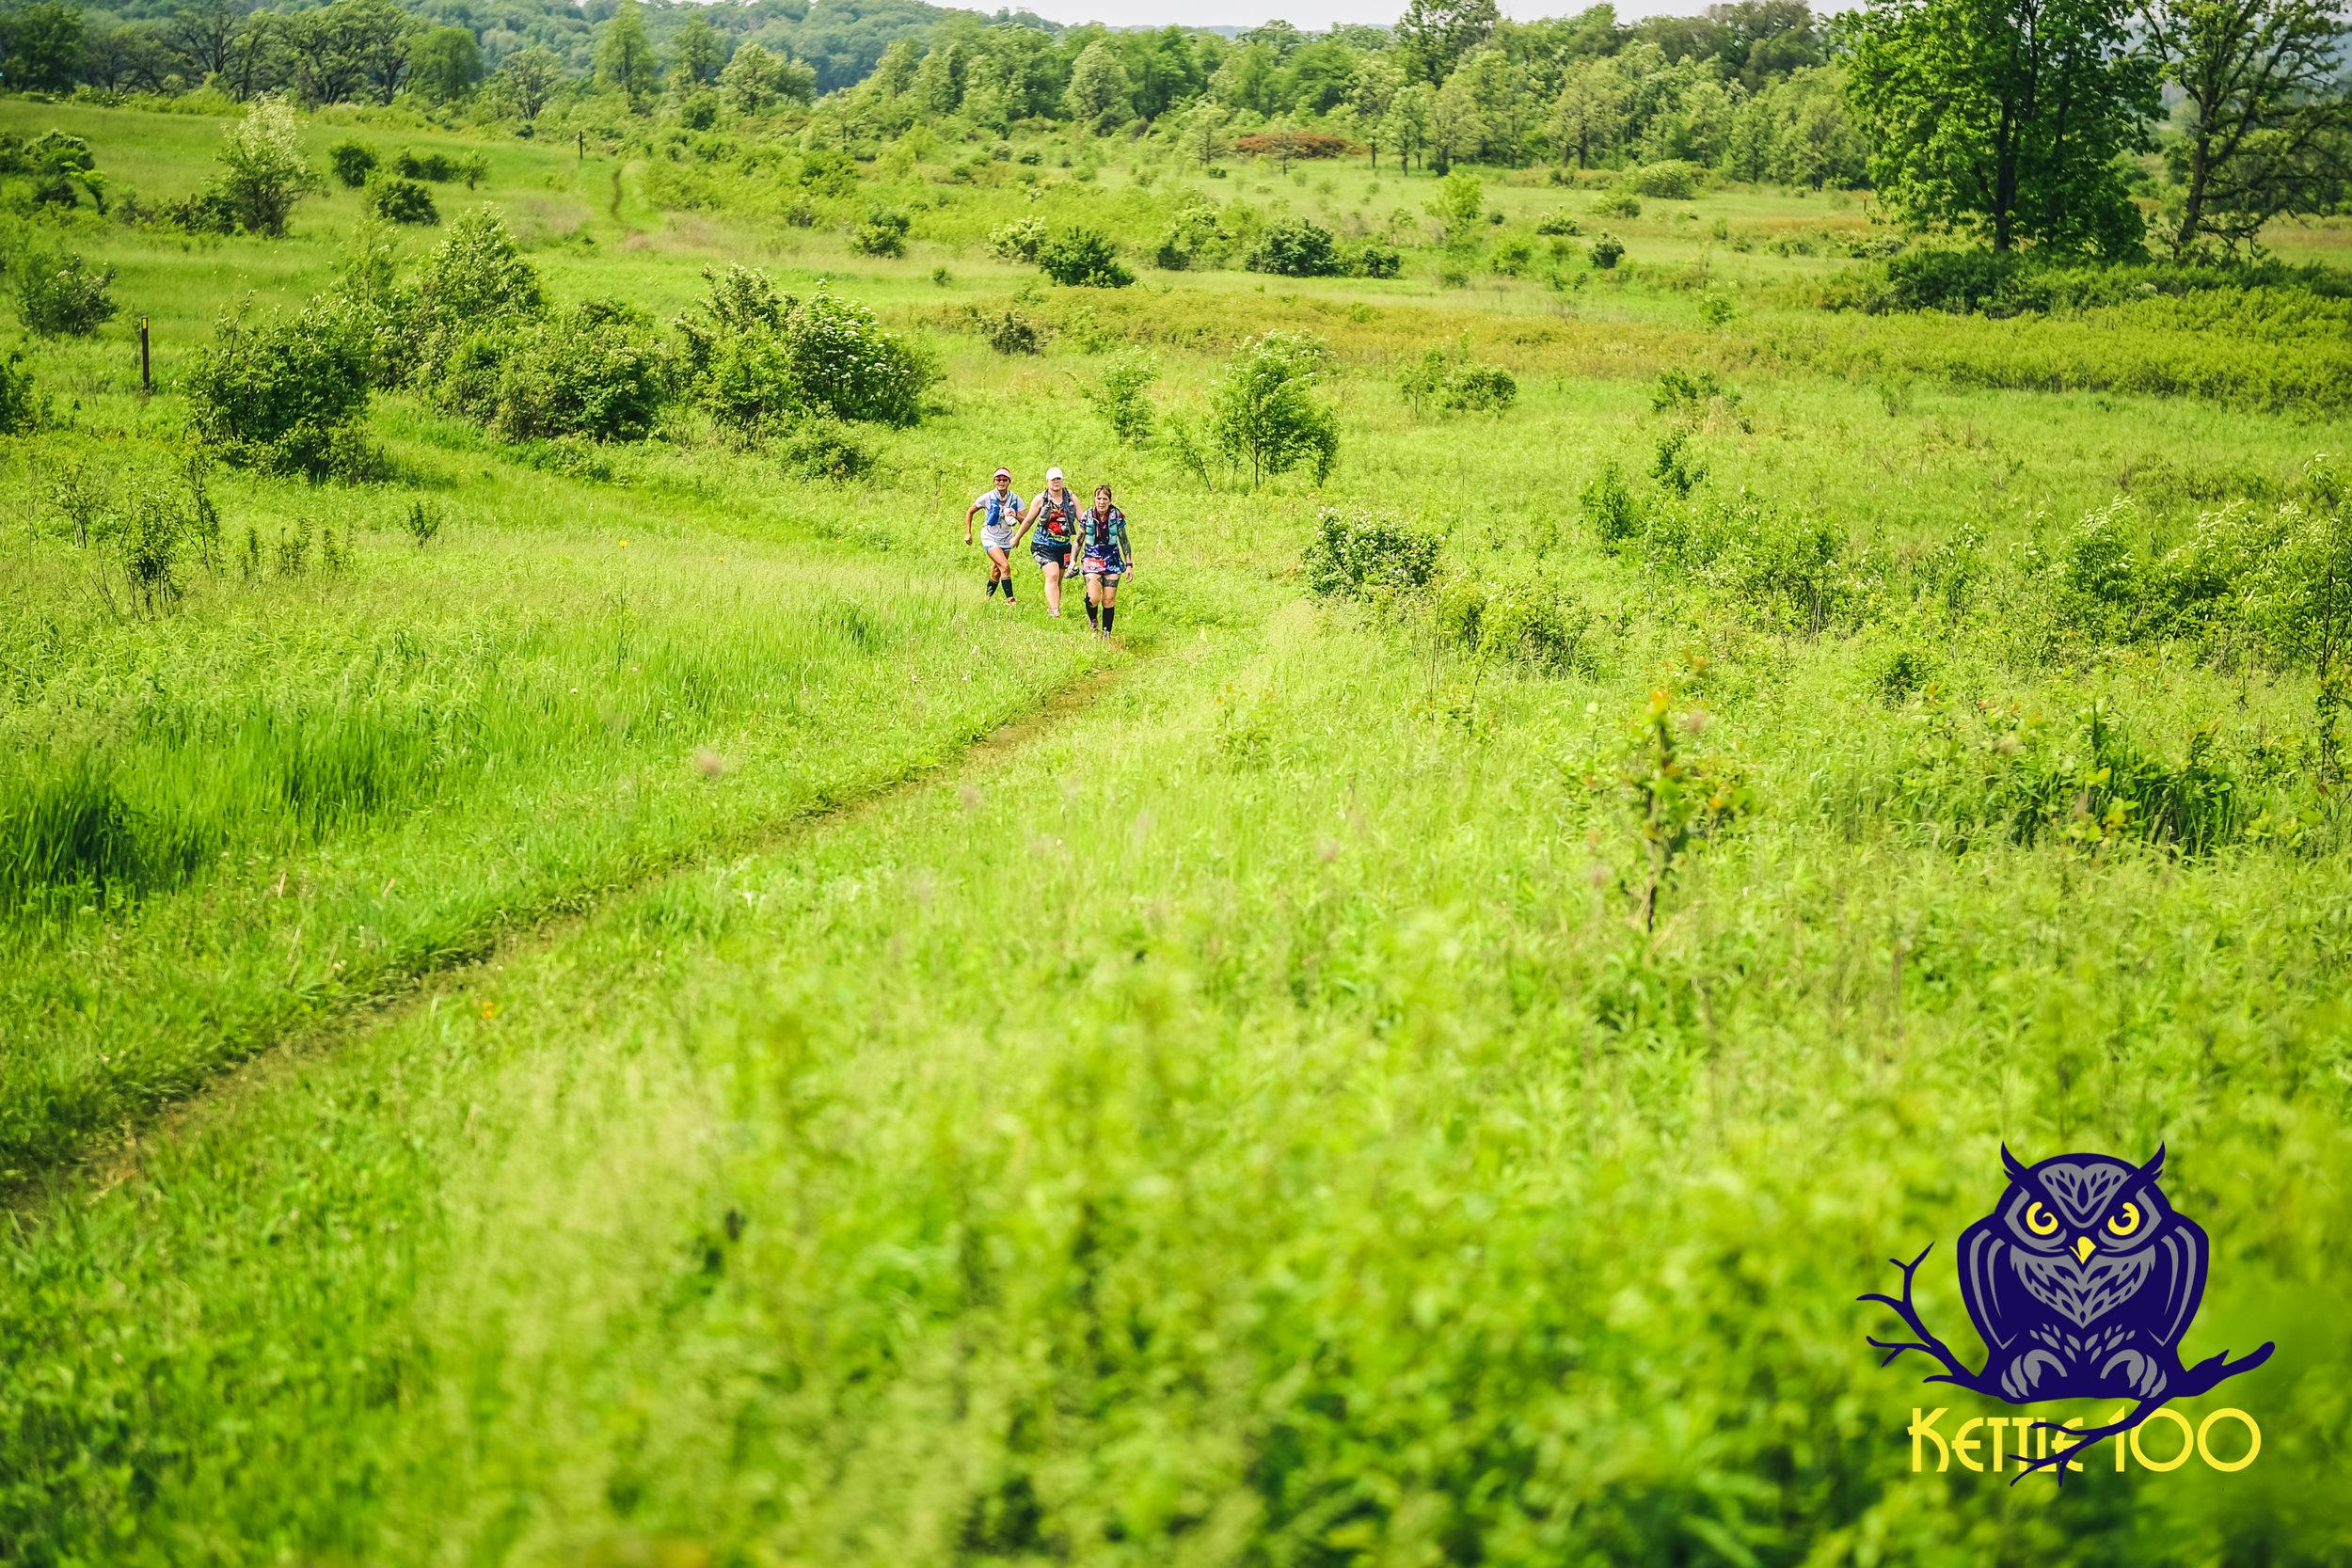 The meadows- Lisa McNair (Wyoming), Brandi Richter (Wisconsin) and Beiyi Wilson (Arizona)